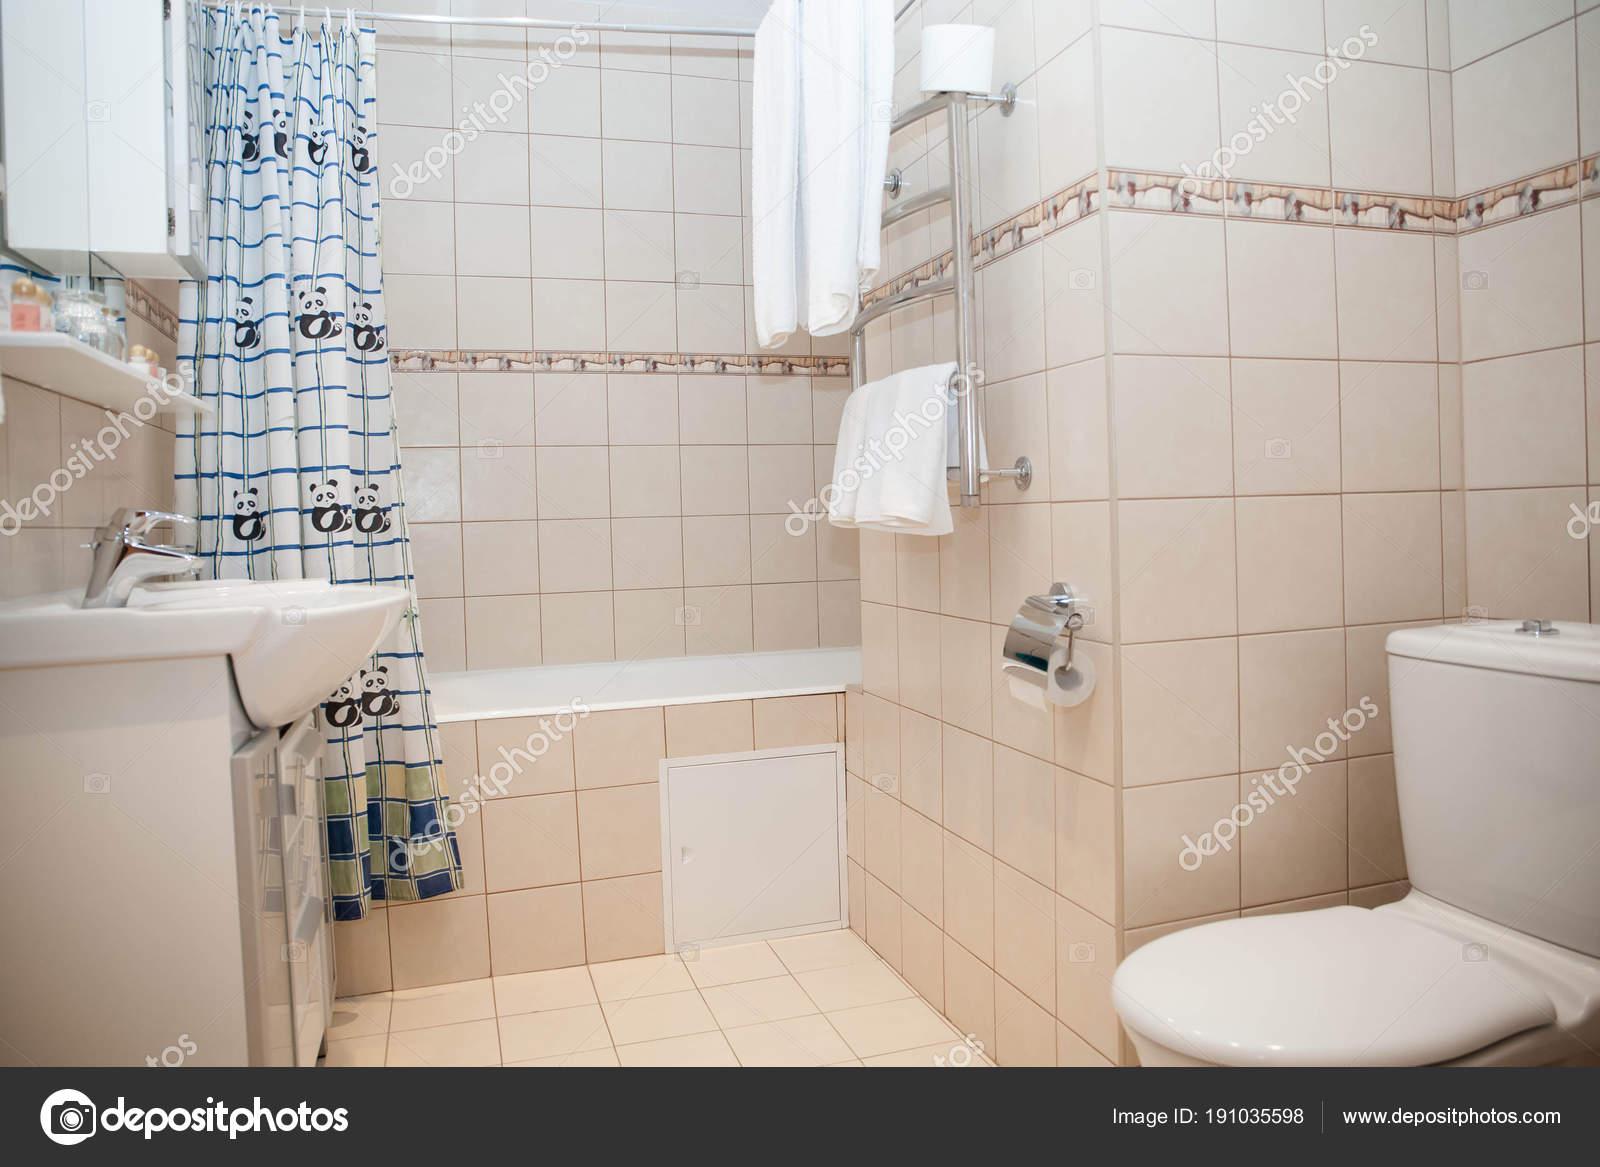 Bagno cabina doccia servizi igienici bagno impianto idraulico